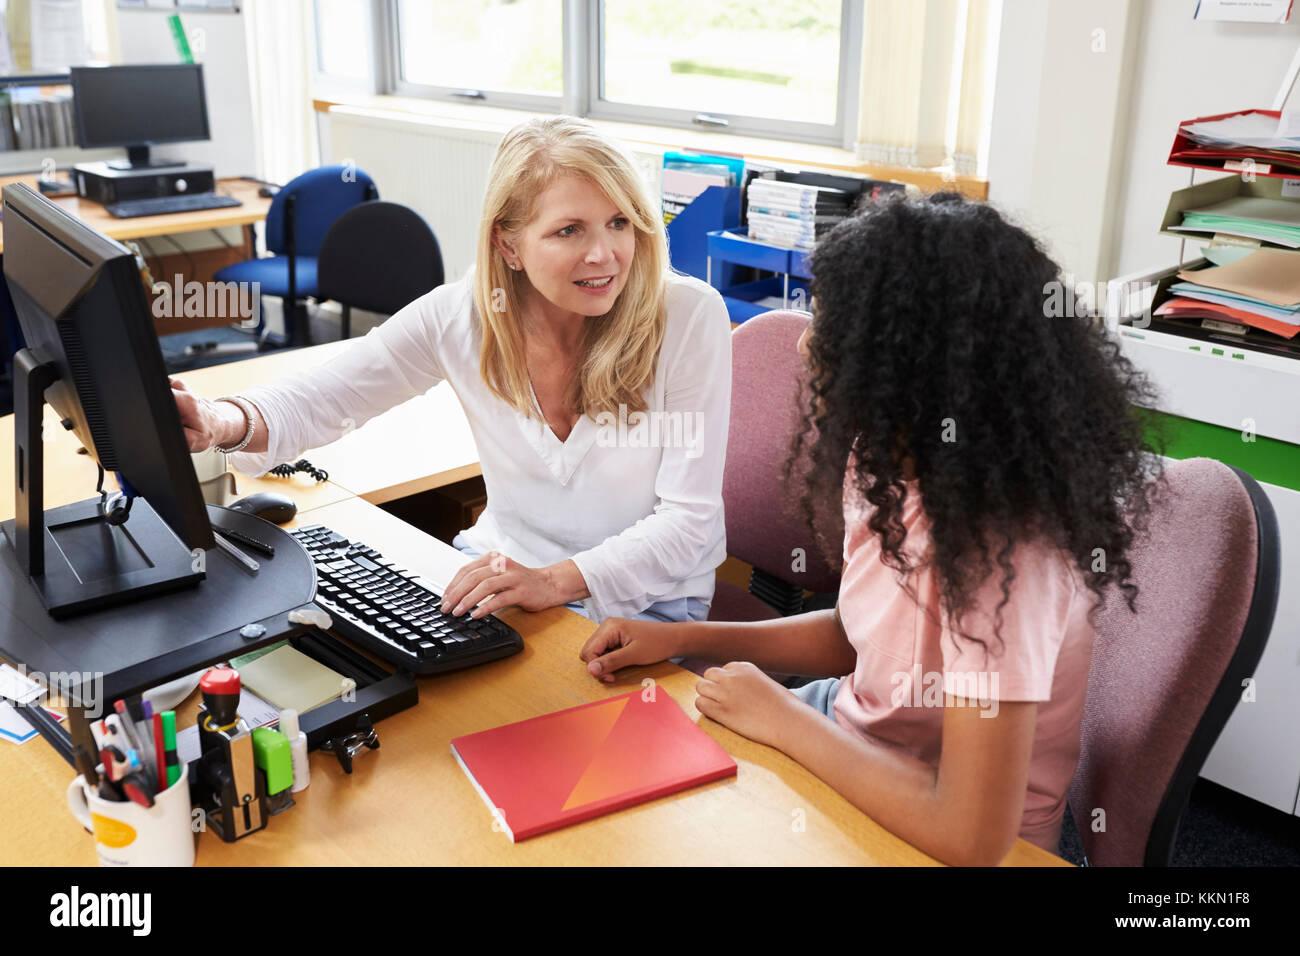 Carriere Advisor incontro collegio femminile Studente Immagini Stock